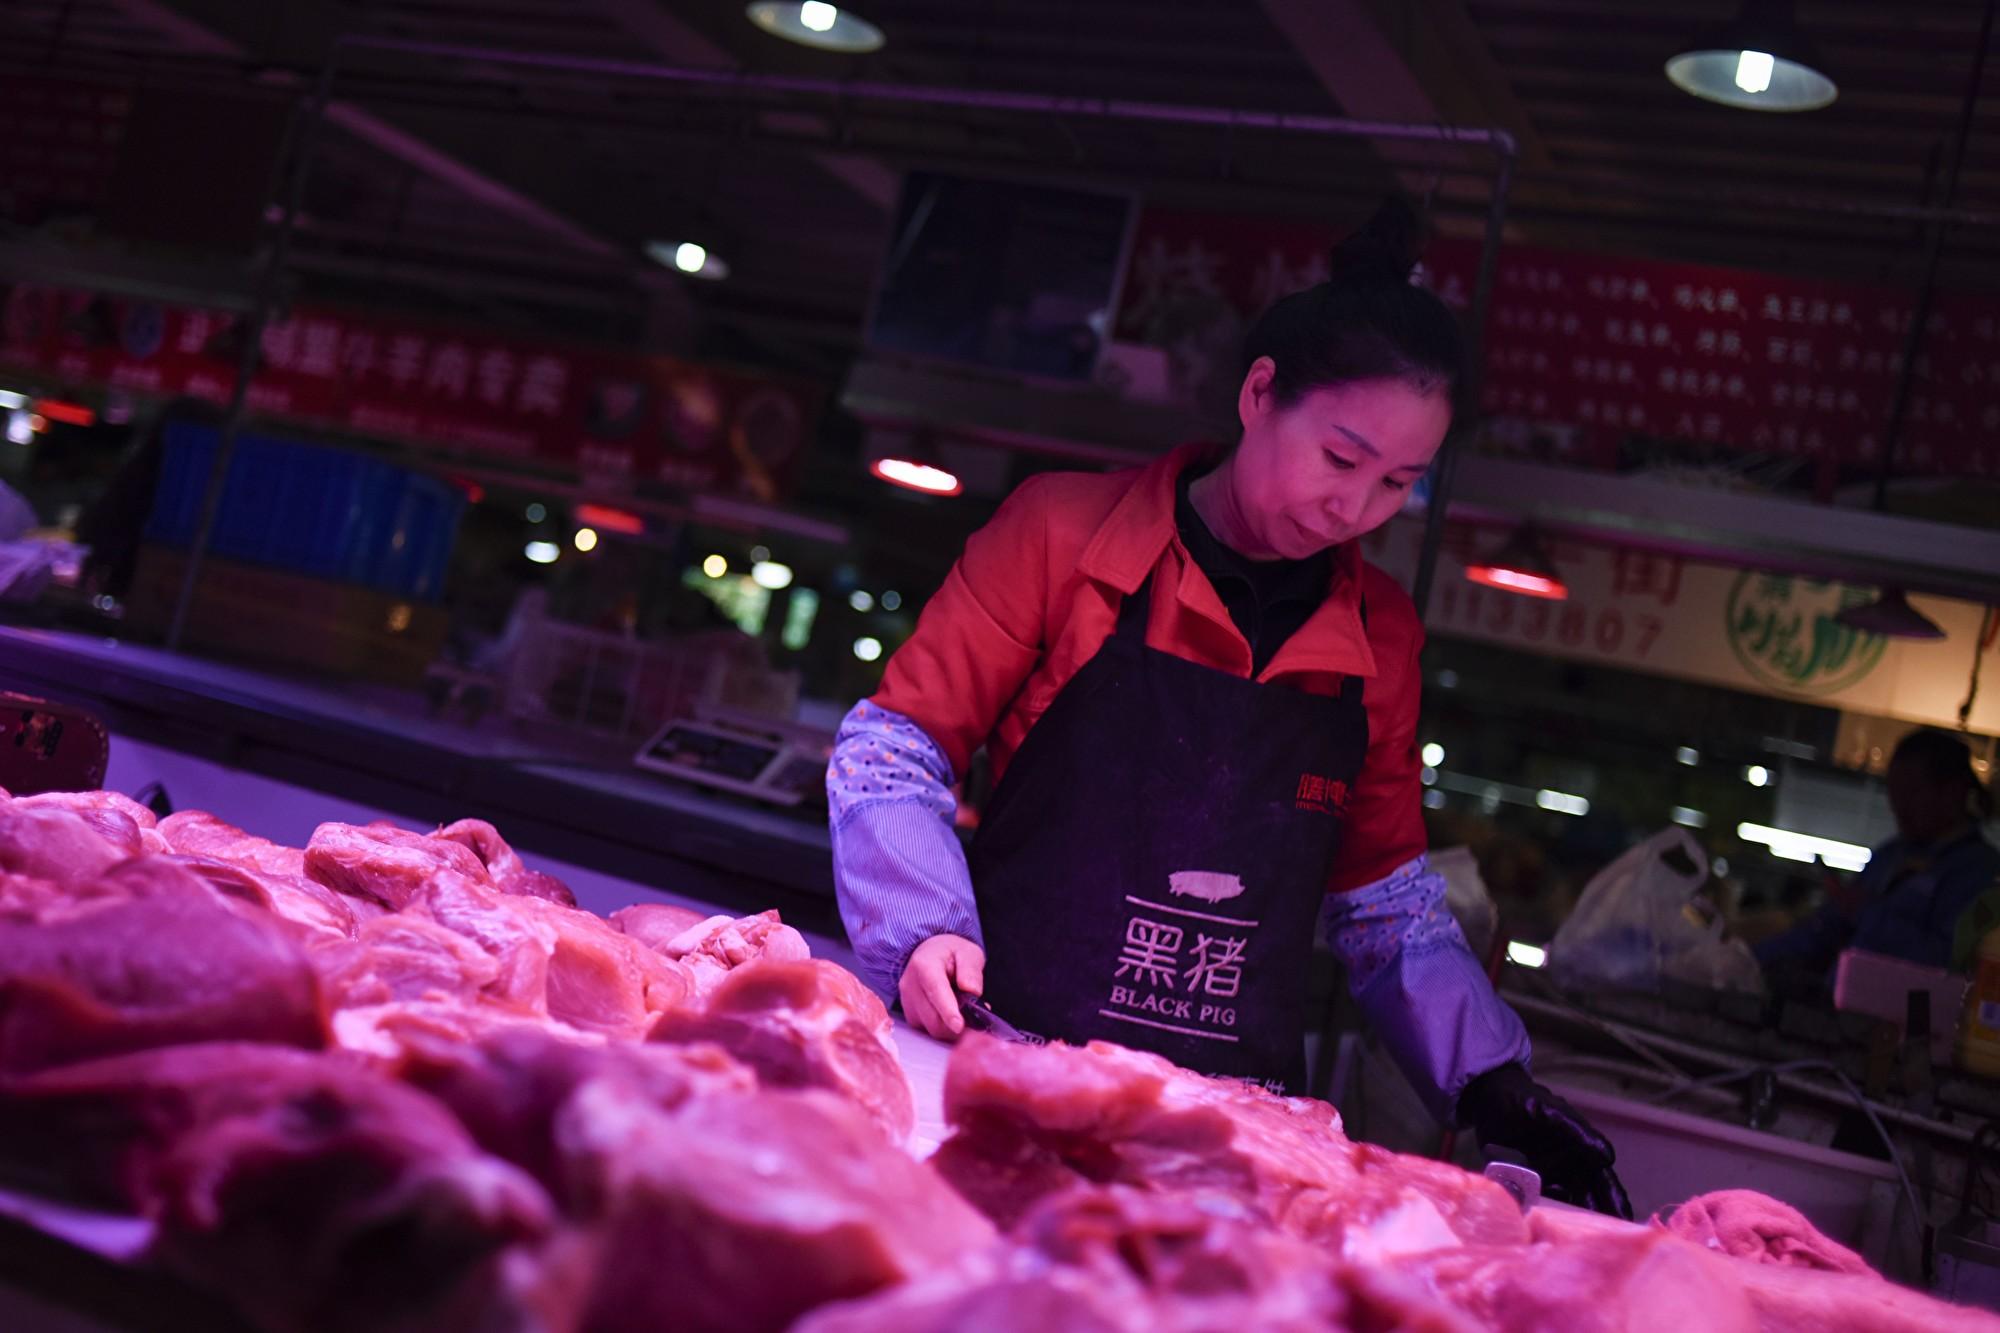 中國CPI新年料破5% 中共否認漲價之說遭駁